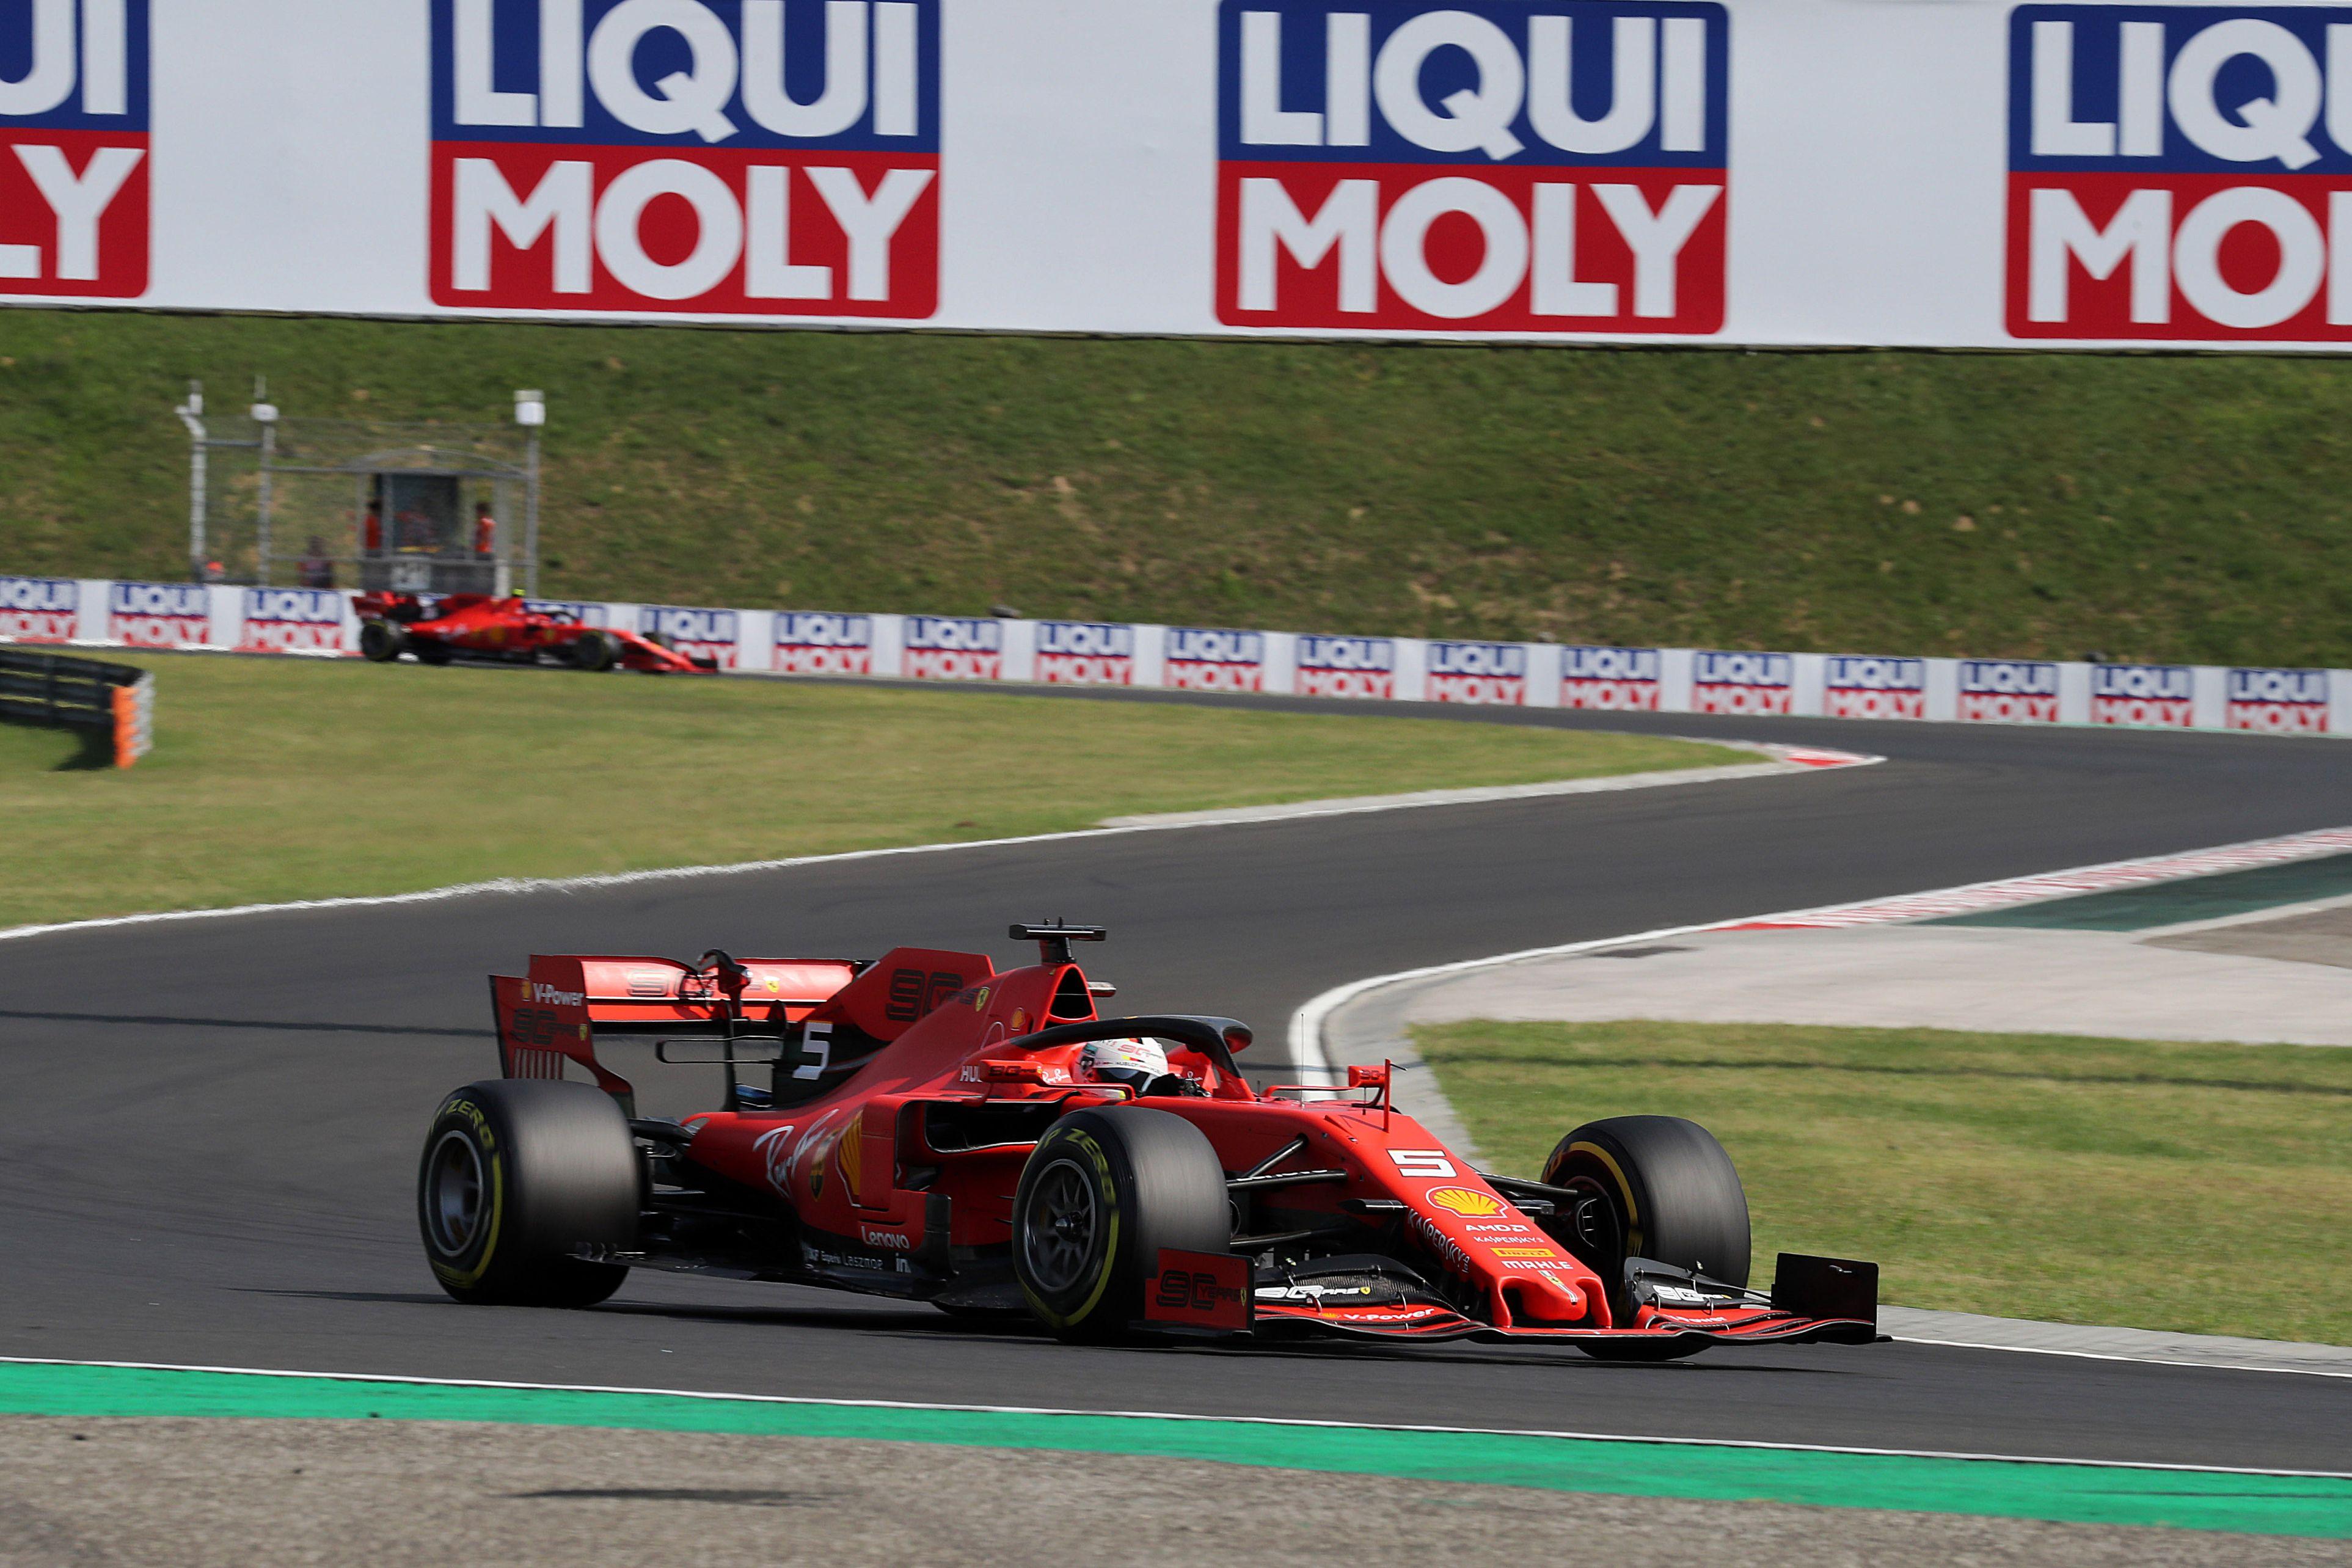 Dramele din viața lui Charles Leclerc! Omul momentului din Formula 1 și-a pierdut tatăl, nașul și cel mai bun prieten în cel mai crud mod: